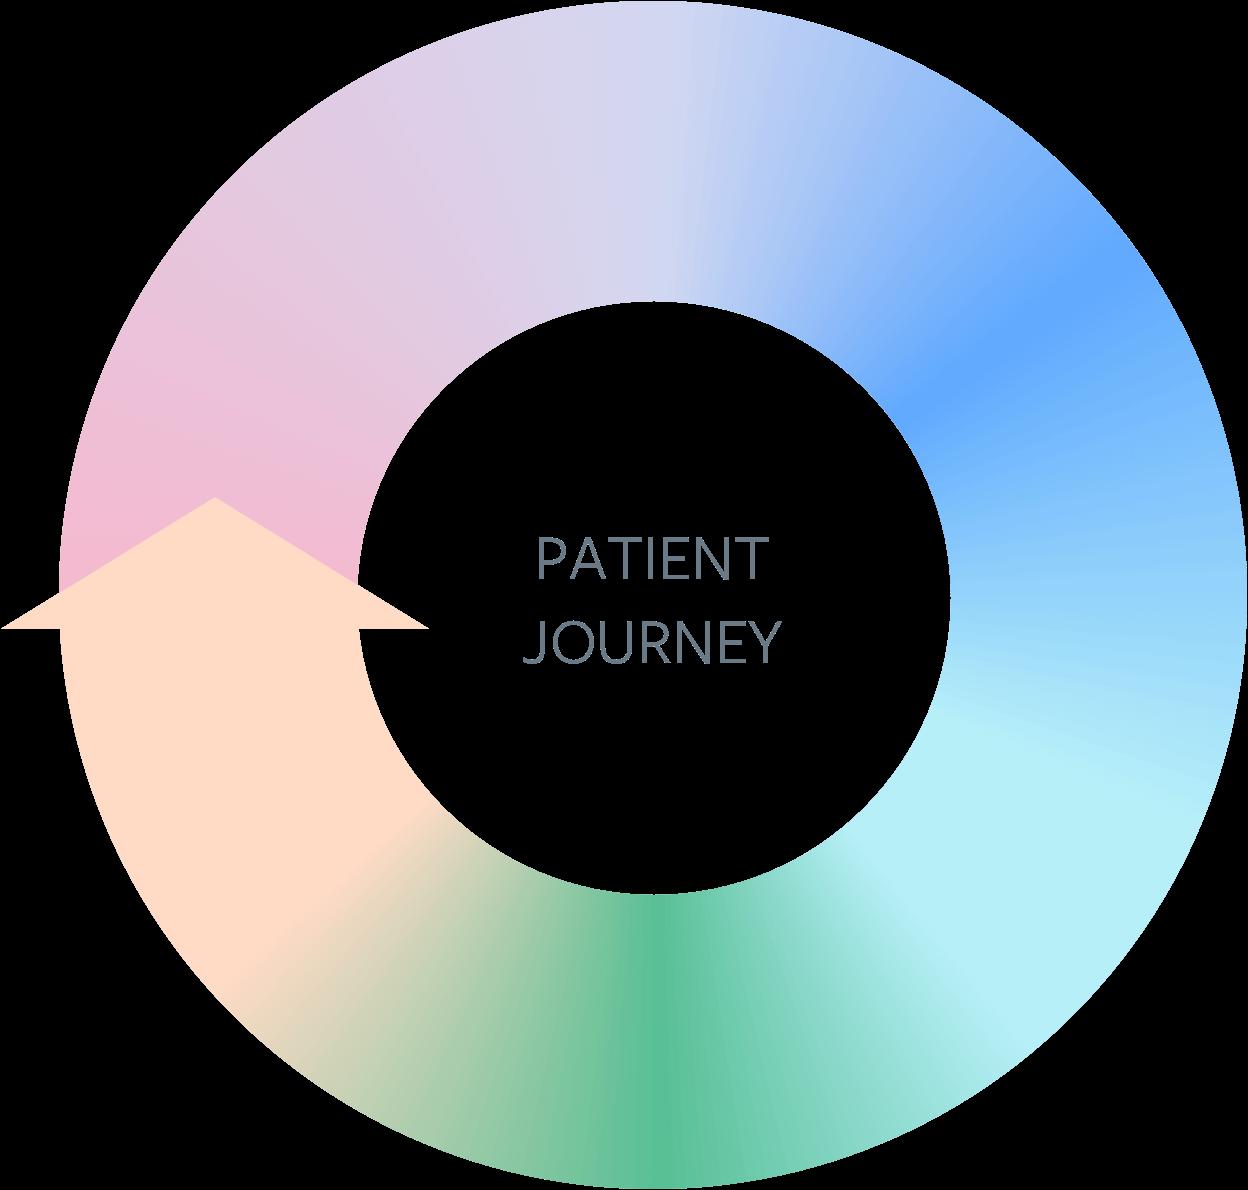 TOTAL PATIENT ENGAGEMENT PLATFORM™ FOR MAXIMUM PATIENT OUTCOMES